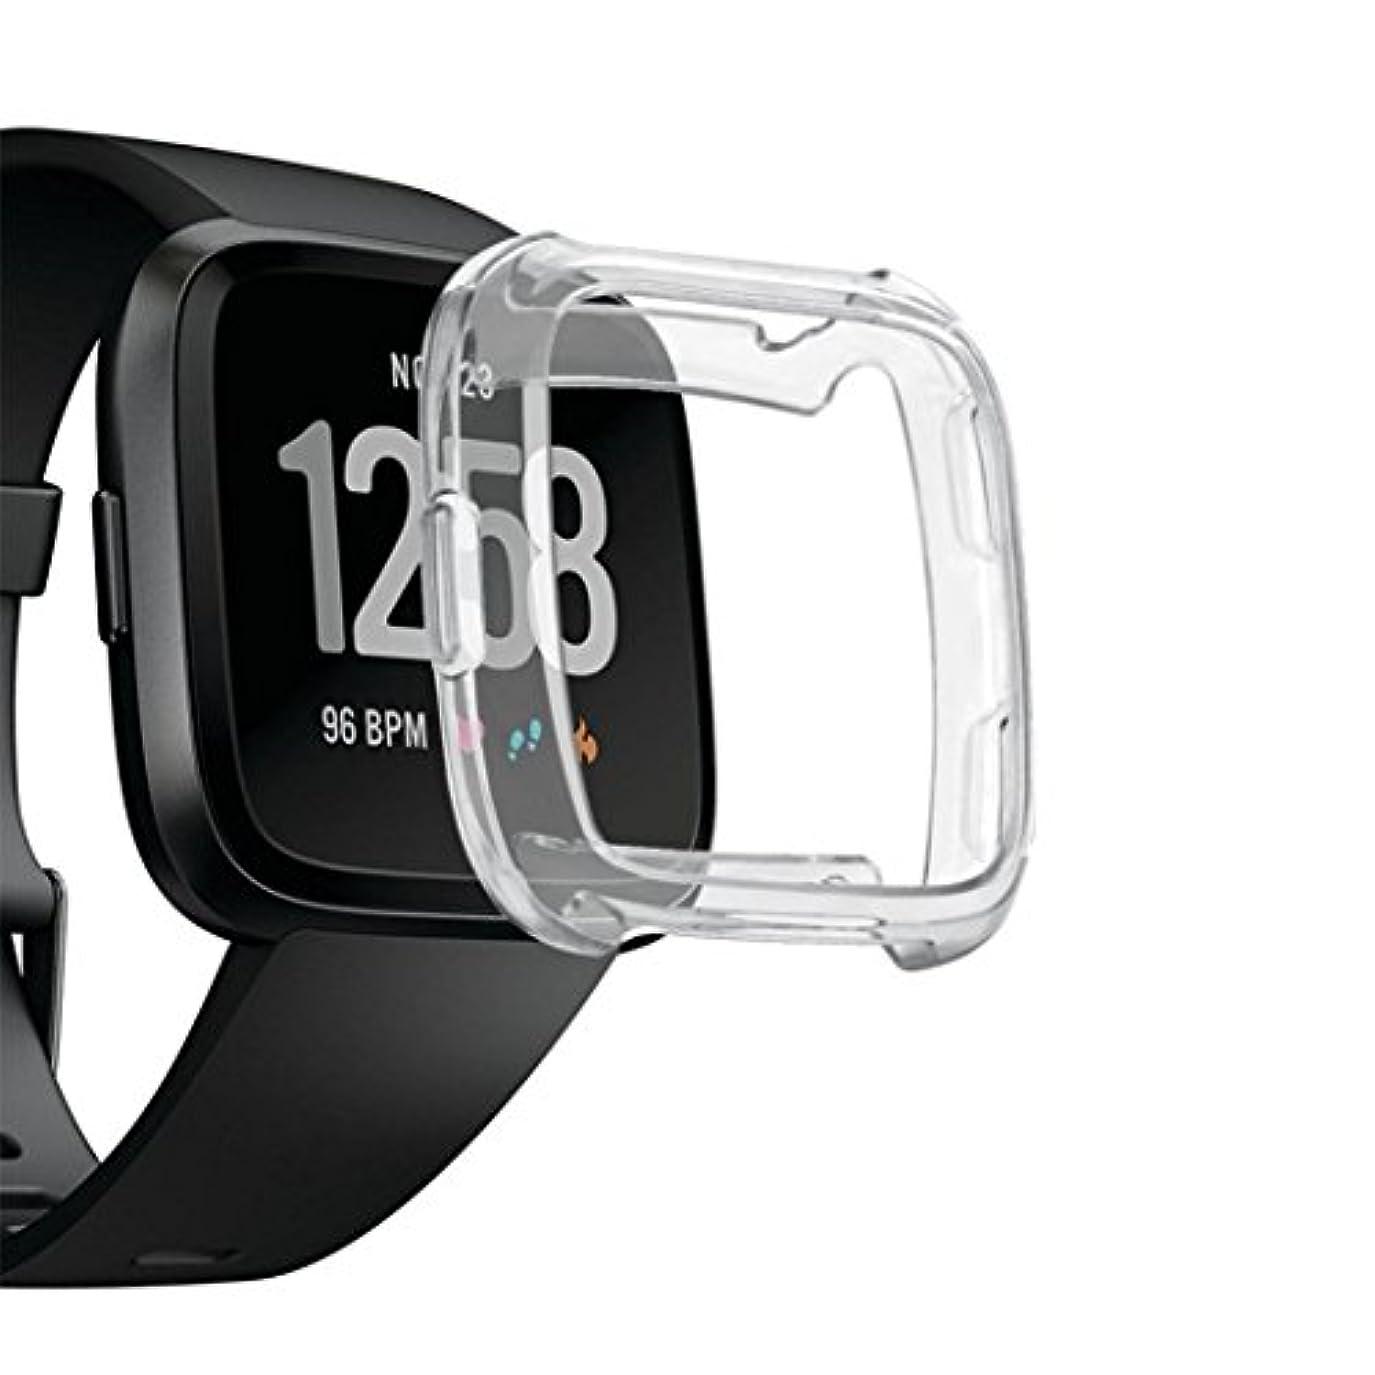 ミスペンド監督するラベHighlifes TpuシリコンカバーケースWatch Casingガードプロテクターfor Fitbit Versaスマートバンド